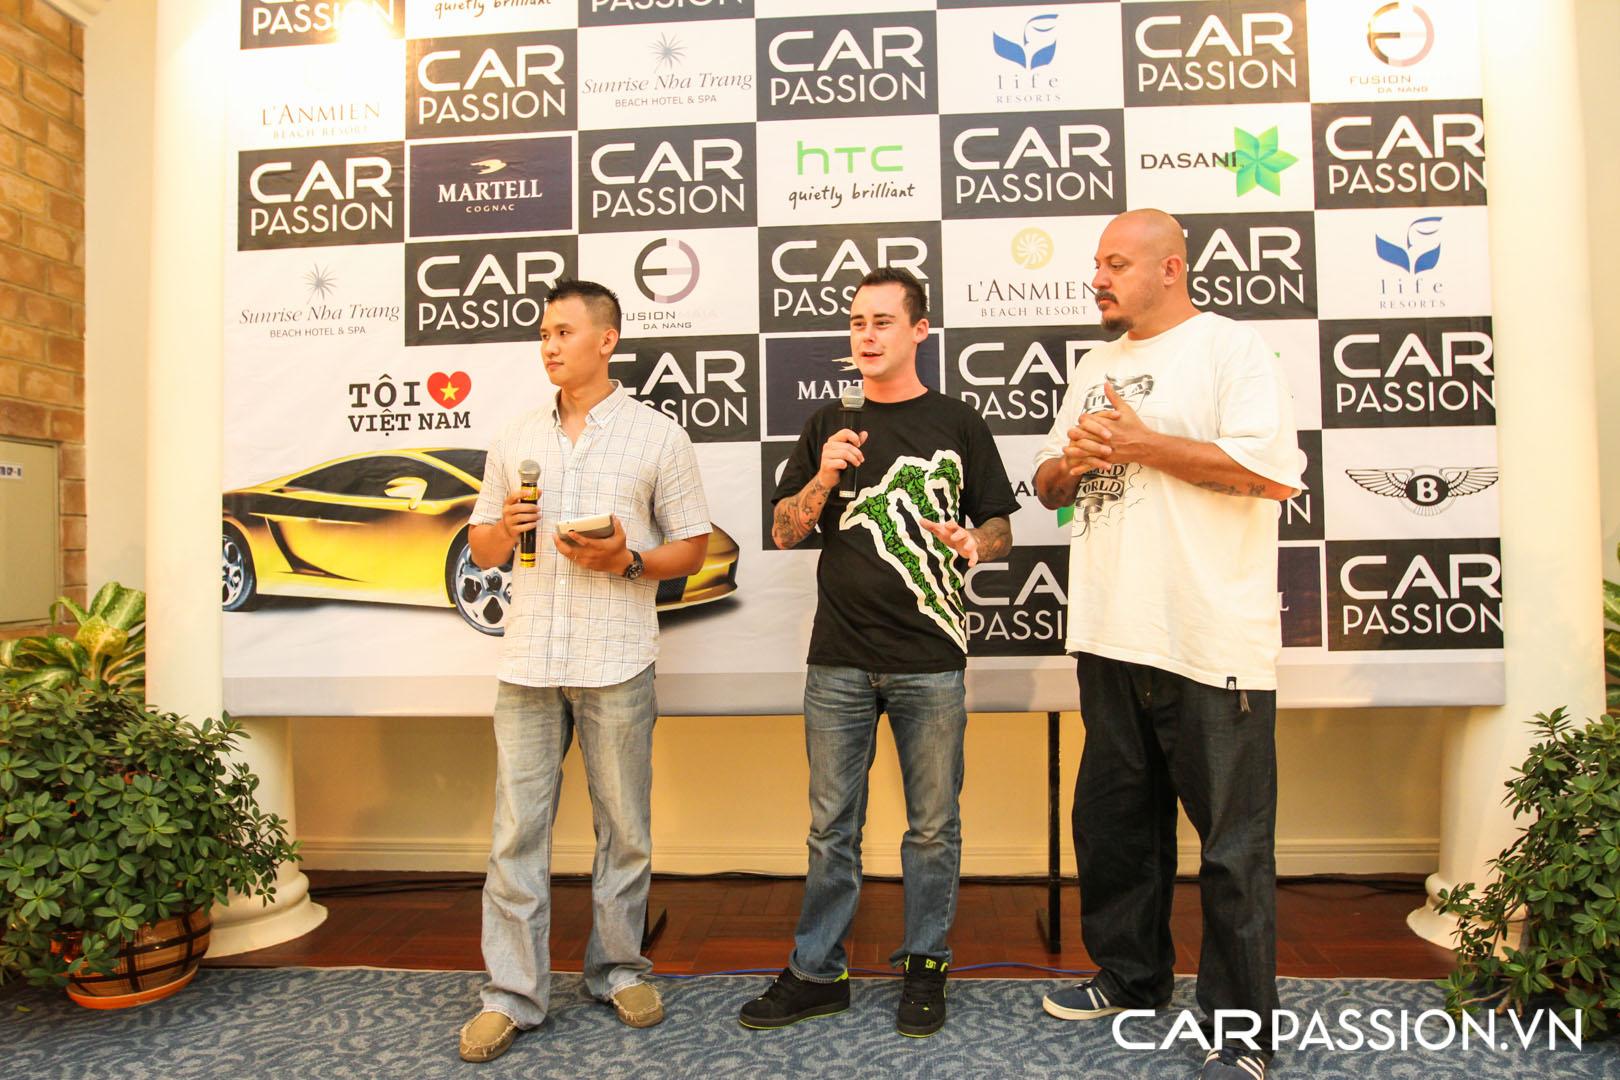 CP-Hành trình siêu xe CarPassion 2011 Day 2 (37).jpg